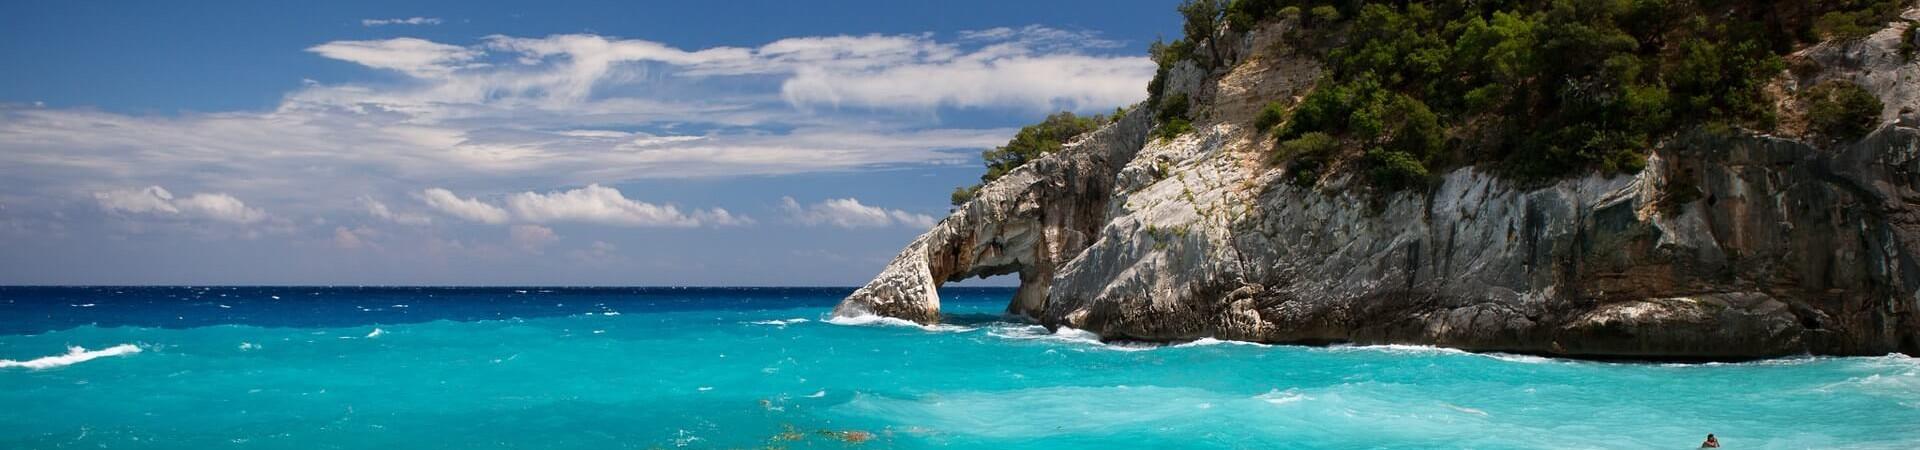 Plaża Sardynia Włochy